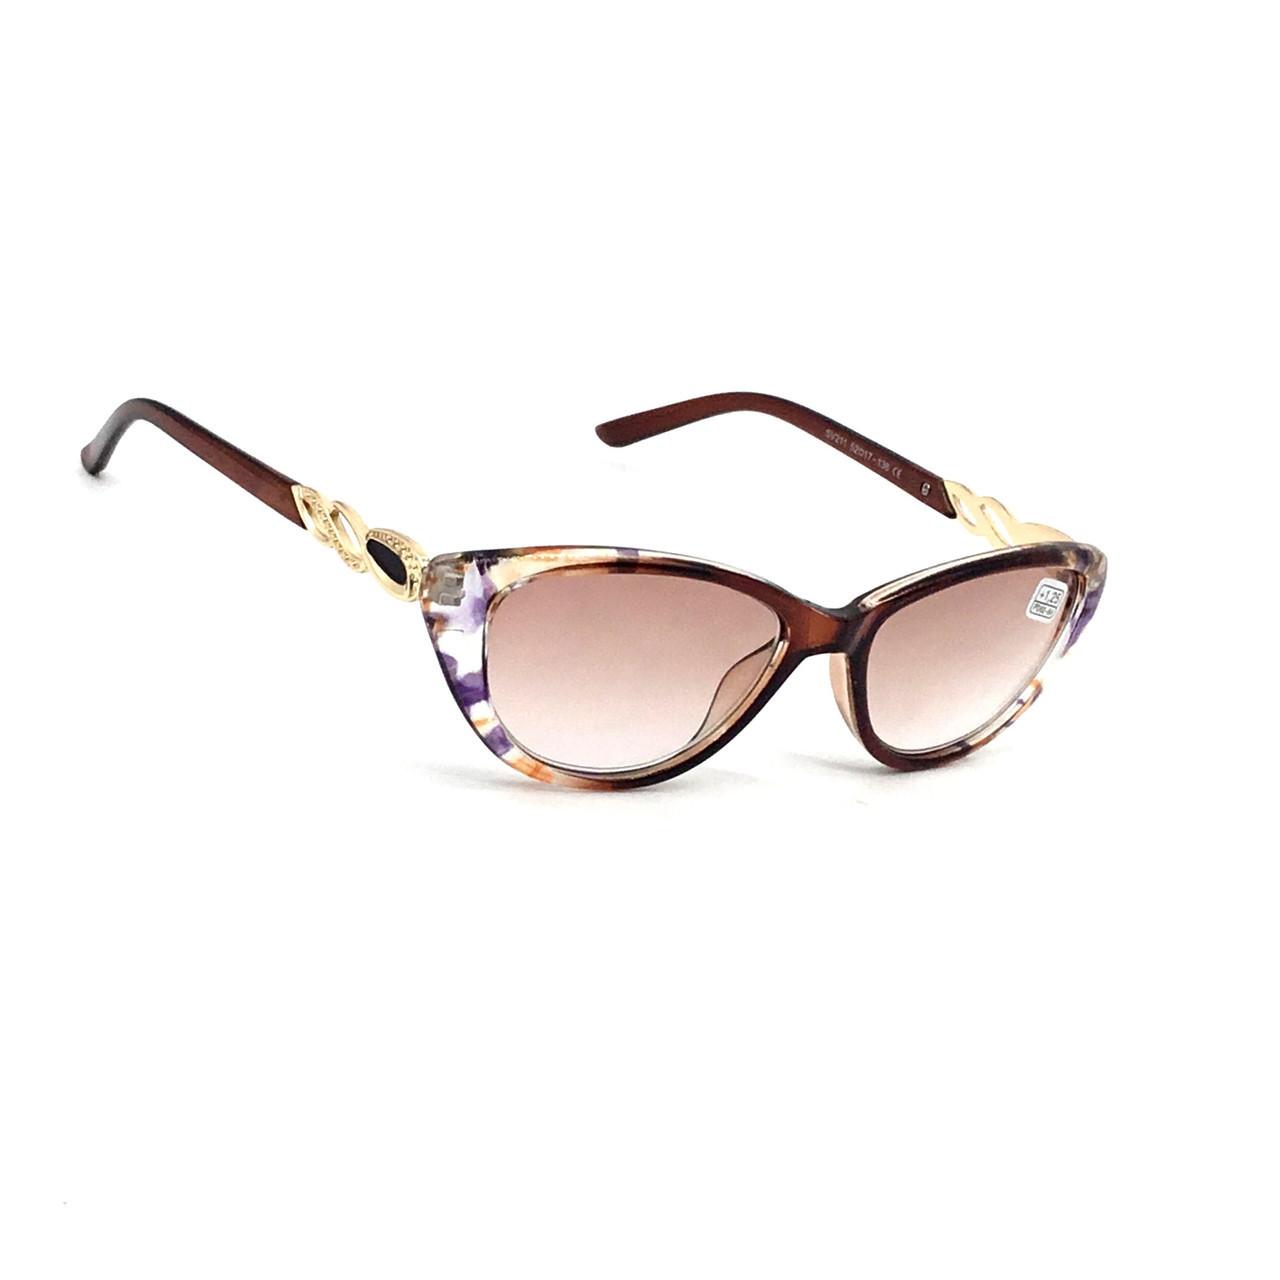 Жіночі окуляри з тонованою лінзою 211